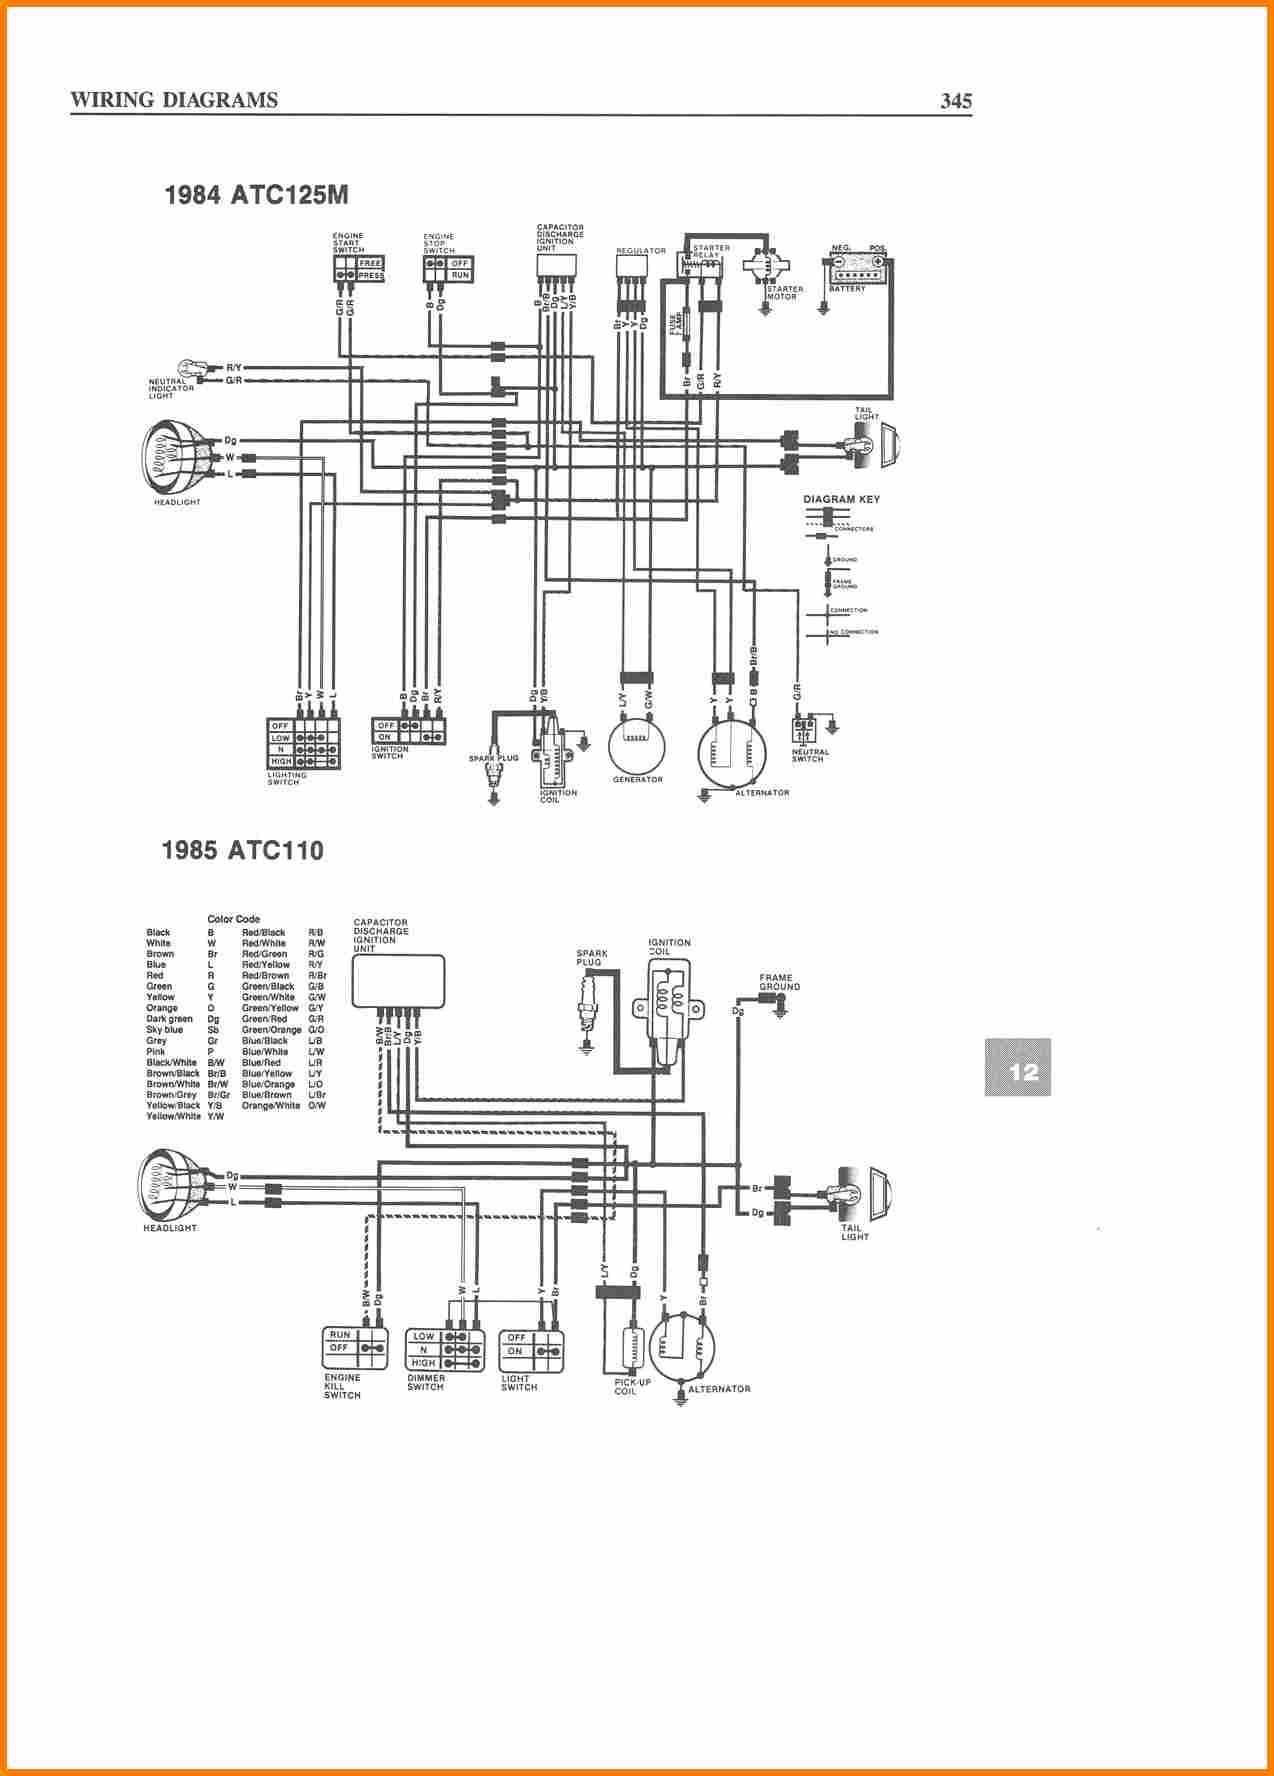 wiring diagram 125cc avt wrg 4274  wiring diagram 125cc avt  wrg 4274  wiring diagram 125cc avt